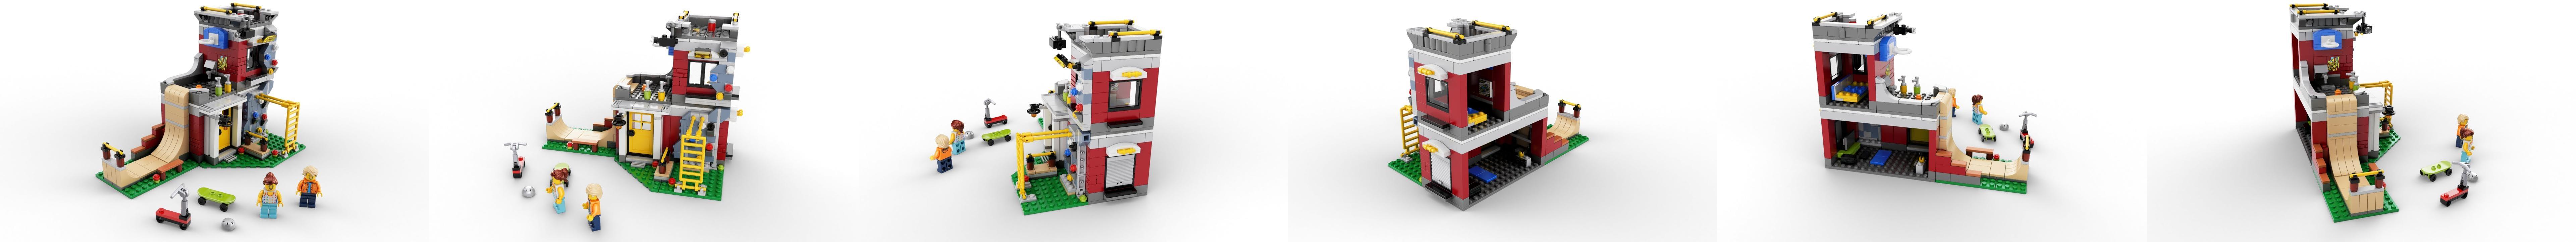 LEGO 3en1 creador Kit Modular patín casa 31081 Edificio (422 Piezas)